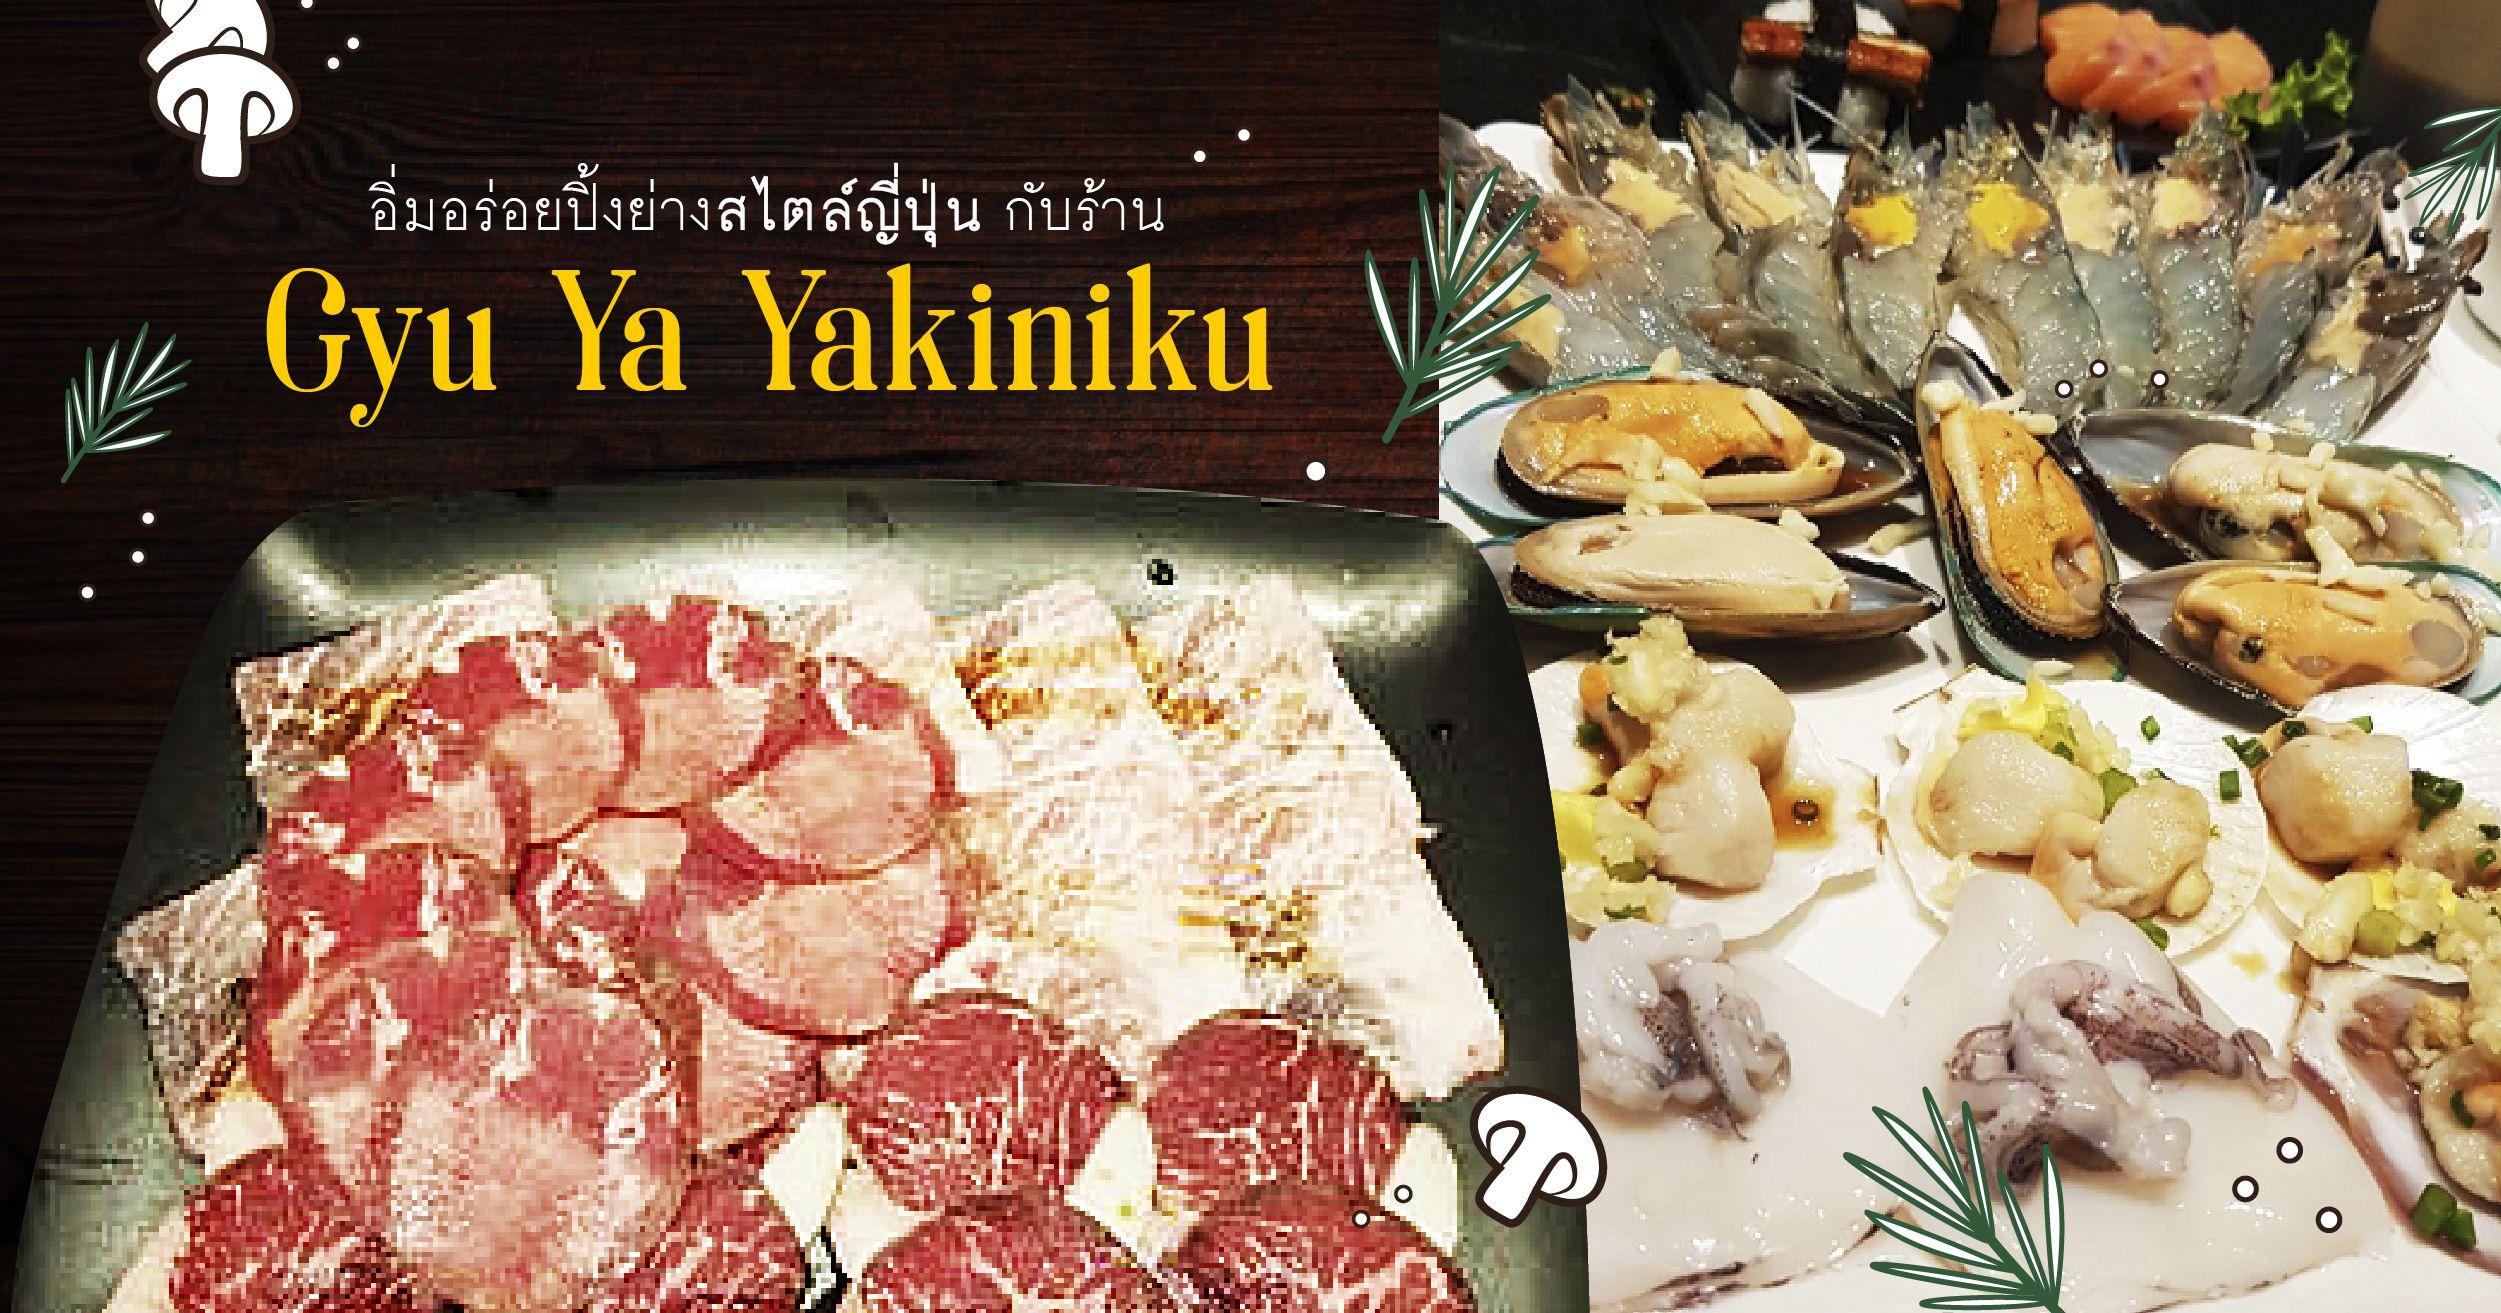 อิ่มอร่อยปิ้งย่าง สไตล์ญี่ปุ่น กับร้าน Gyu Ya Yakiniku สาขา tree on 3 @พระราม 3